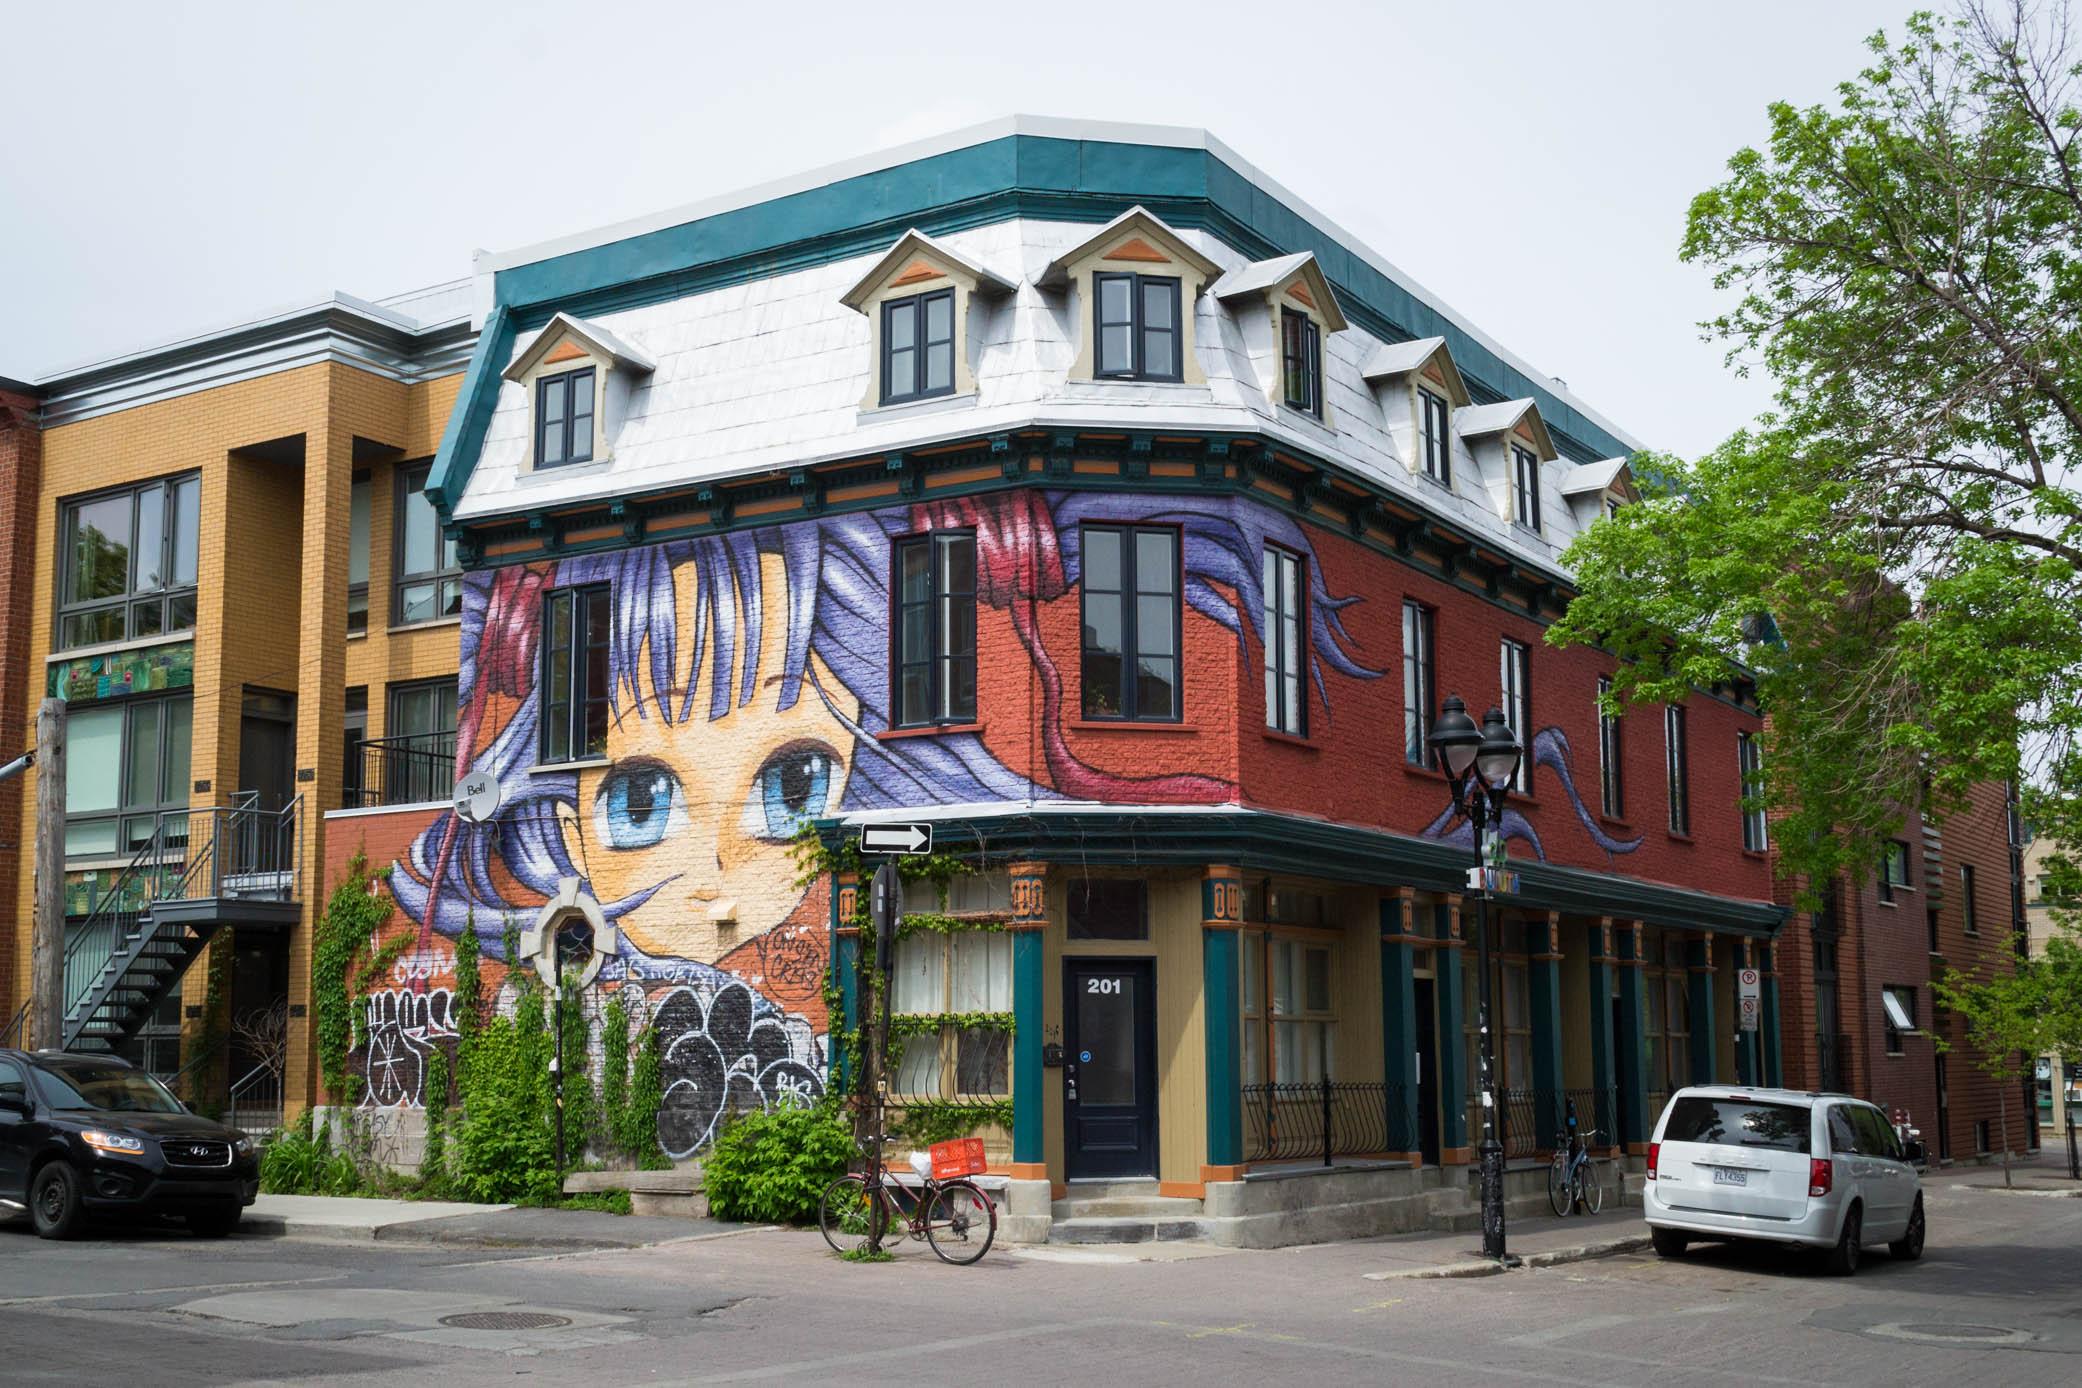 Un bâtiment décoré faisant l'angle de la rue